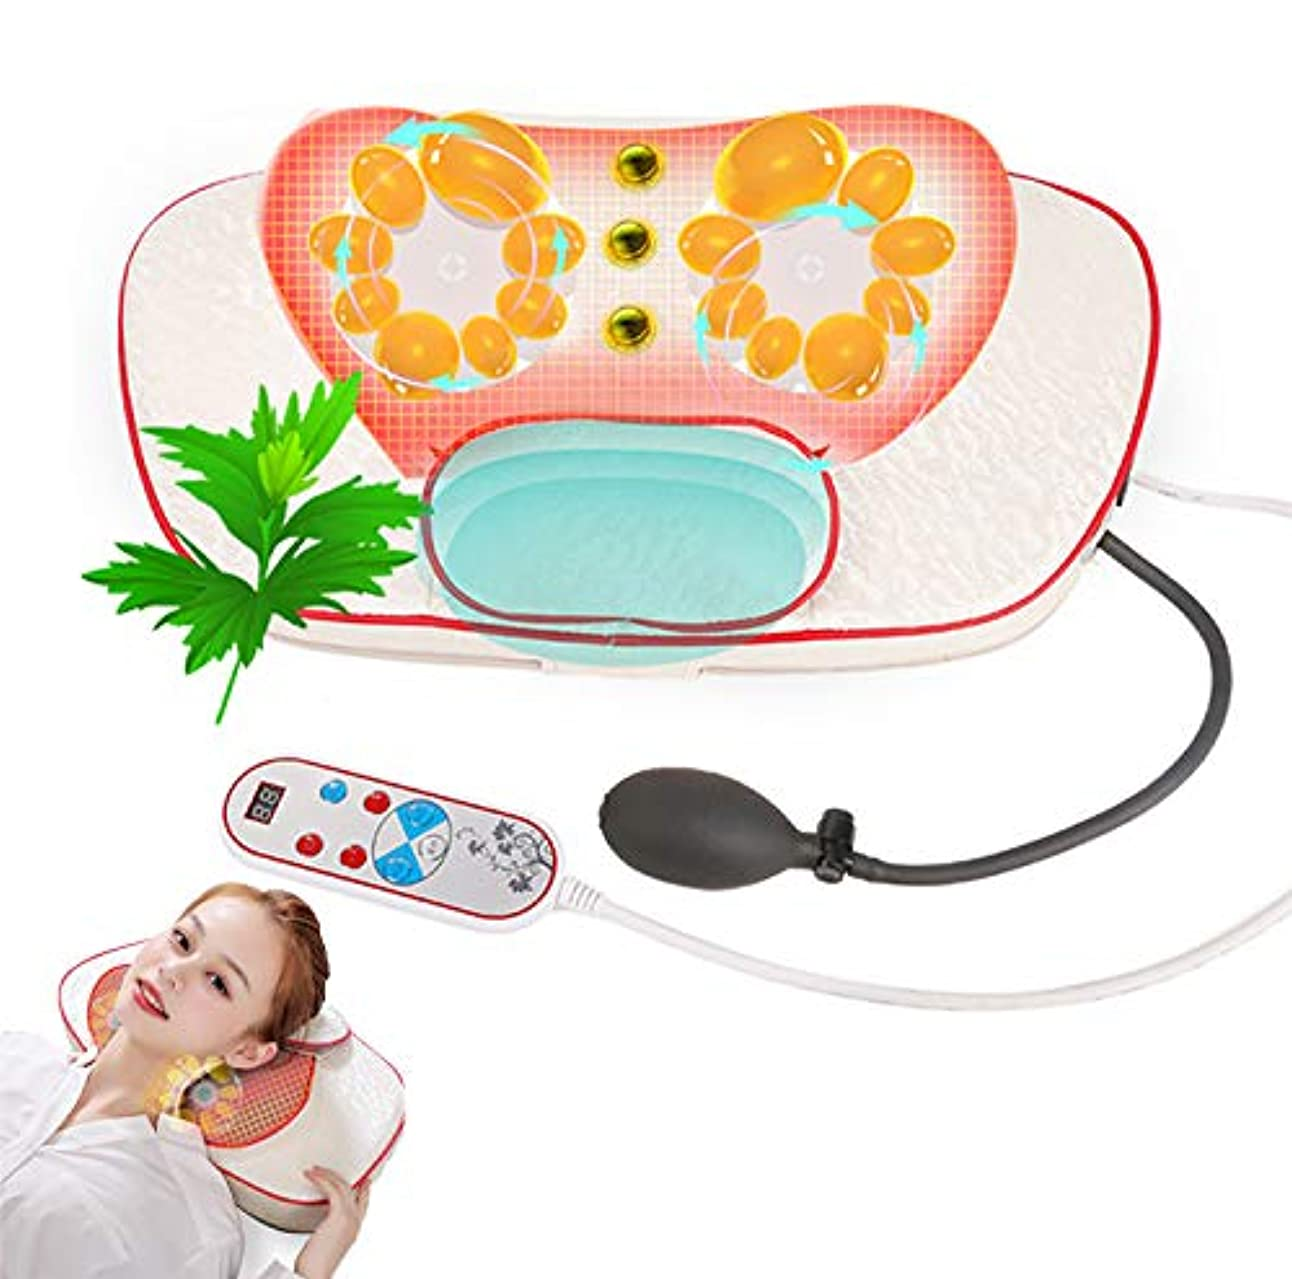 理性的な混練の首のマッサージの枕、赤外線磁気熱いパックAiの草の芳香の首のウエストの肩の世帯の電気マッサージの枕